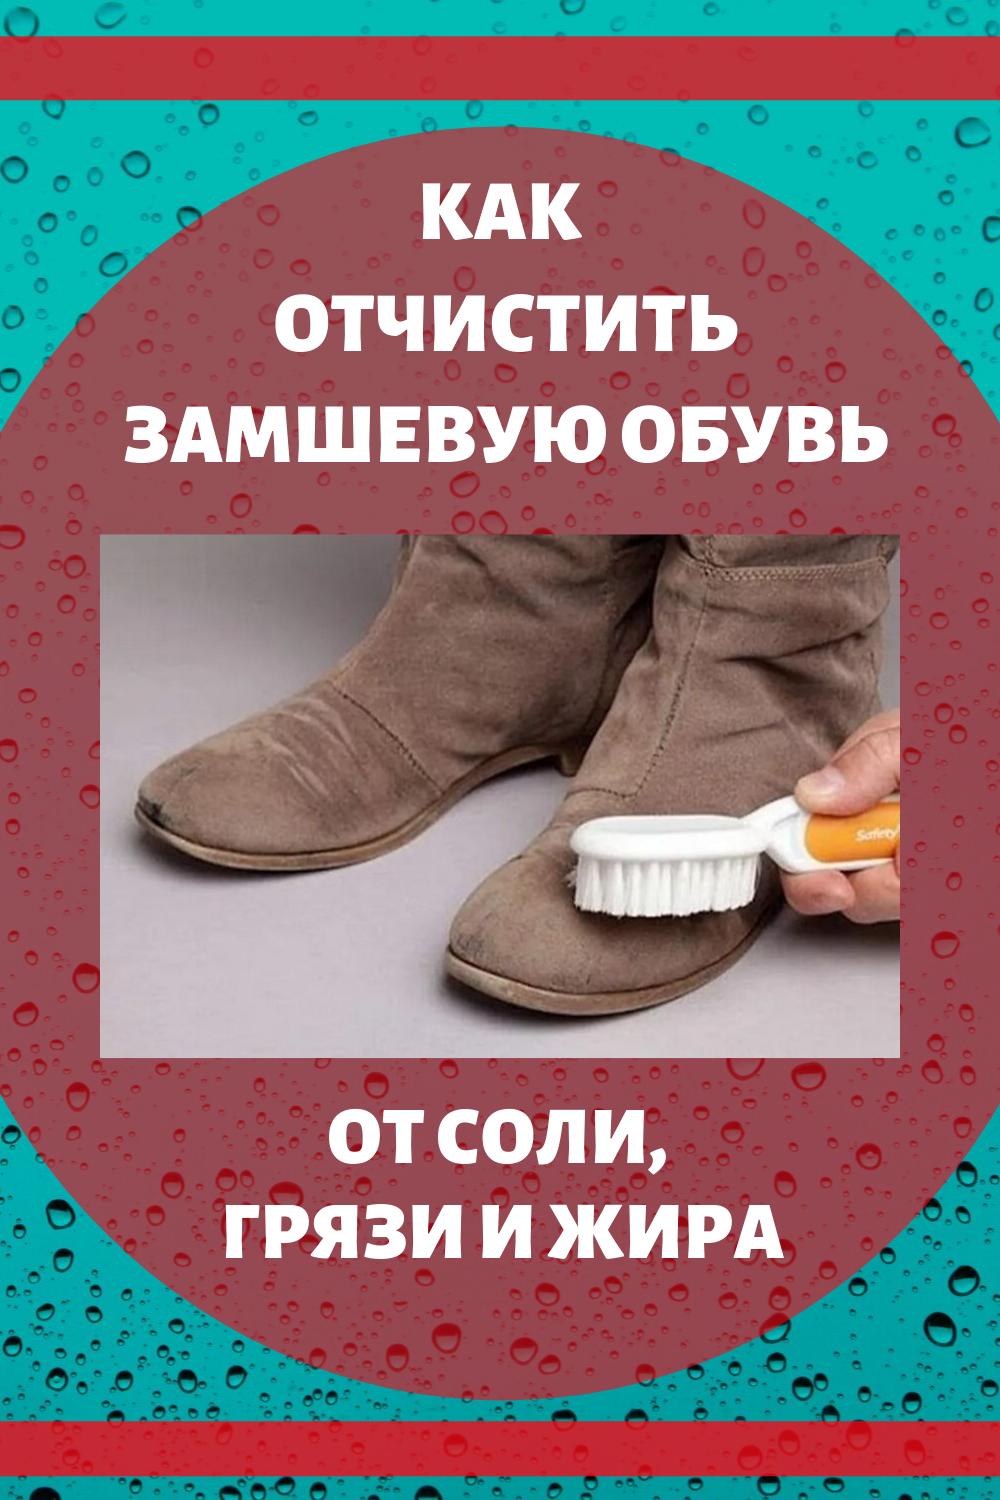 Замшевая обувь — это очень красиво и элегантно. Но, к сожалению, в наших погодных условиях замшевая обувь легче любой другой страдает от слякоти и грязи на дорогах. На ней остаются загрязнения, соляные разводы и даже масляные пятна. И поэтому многие отказываются от такой красивой обуви в пользу более практичной кожаной пары.